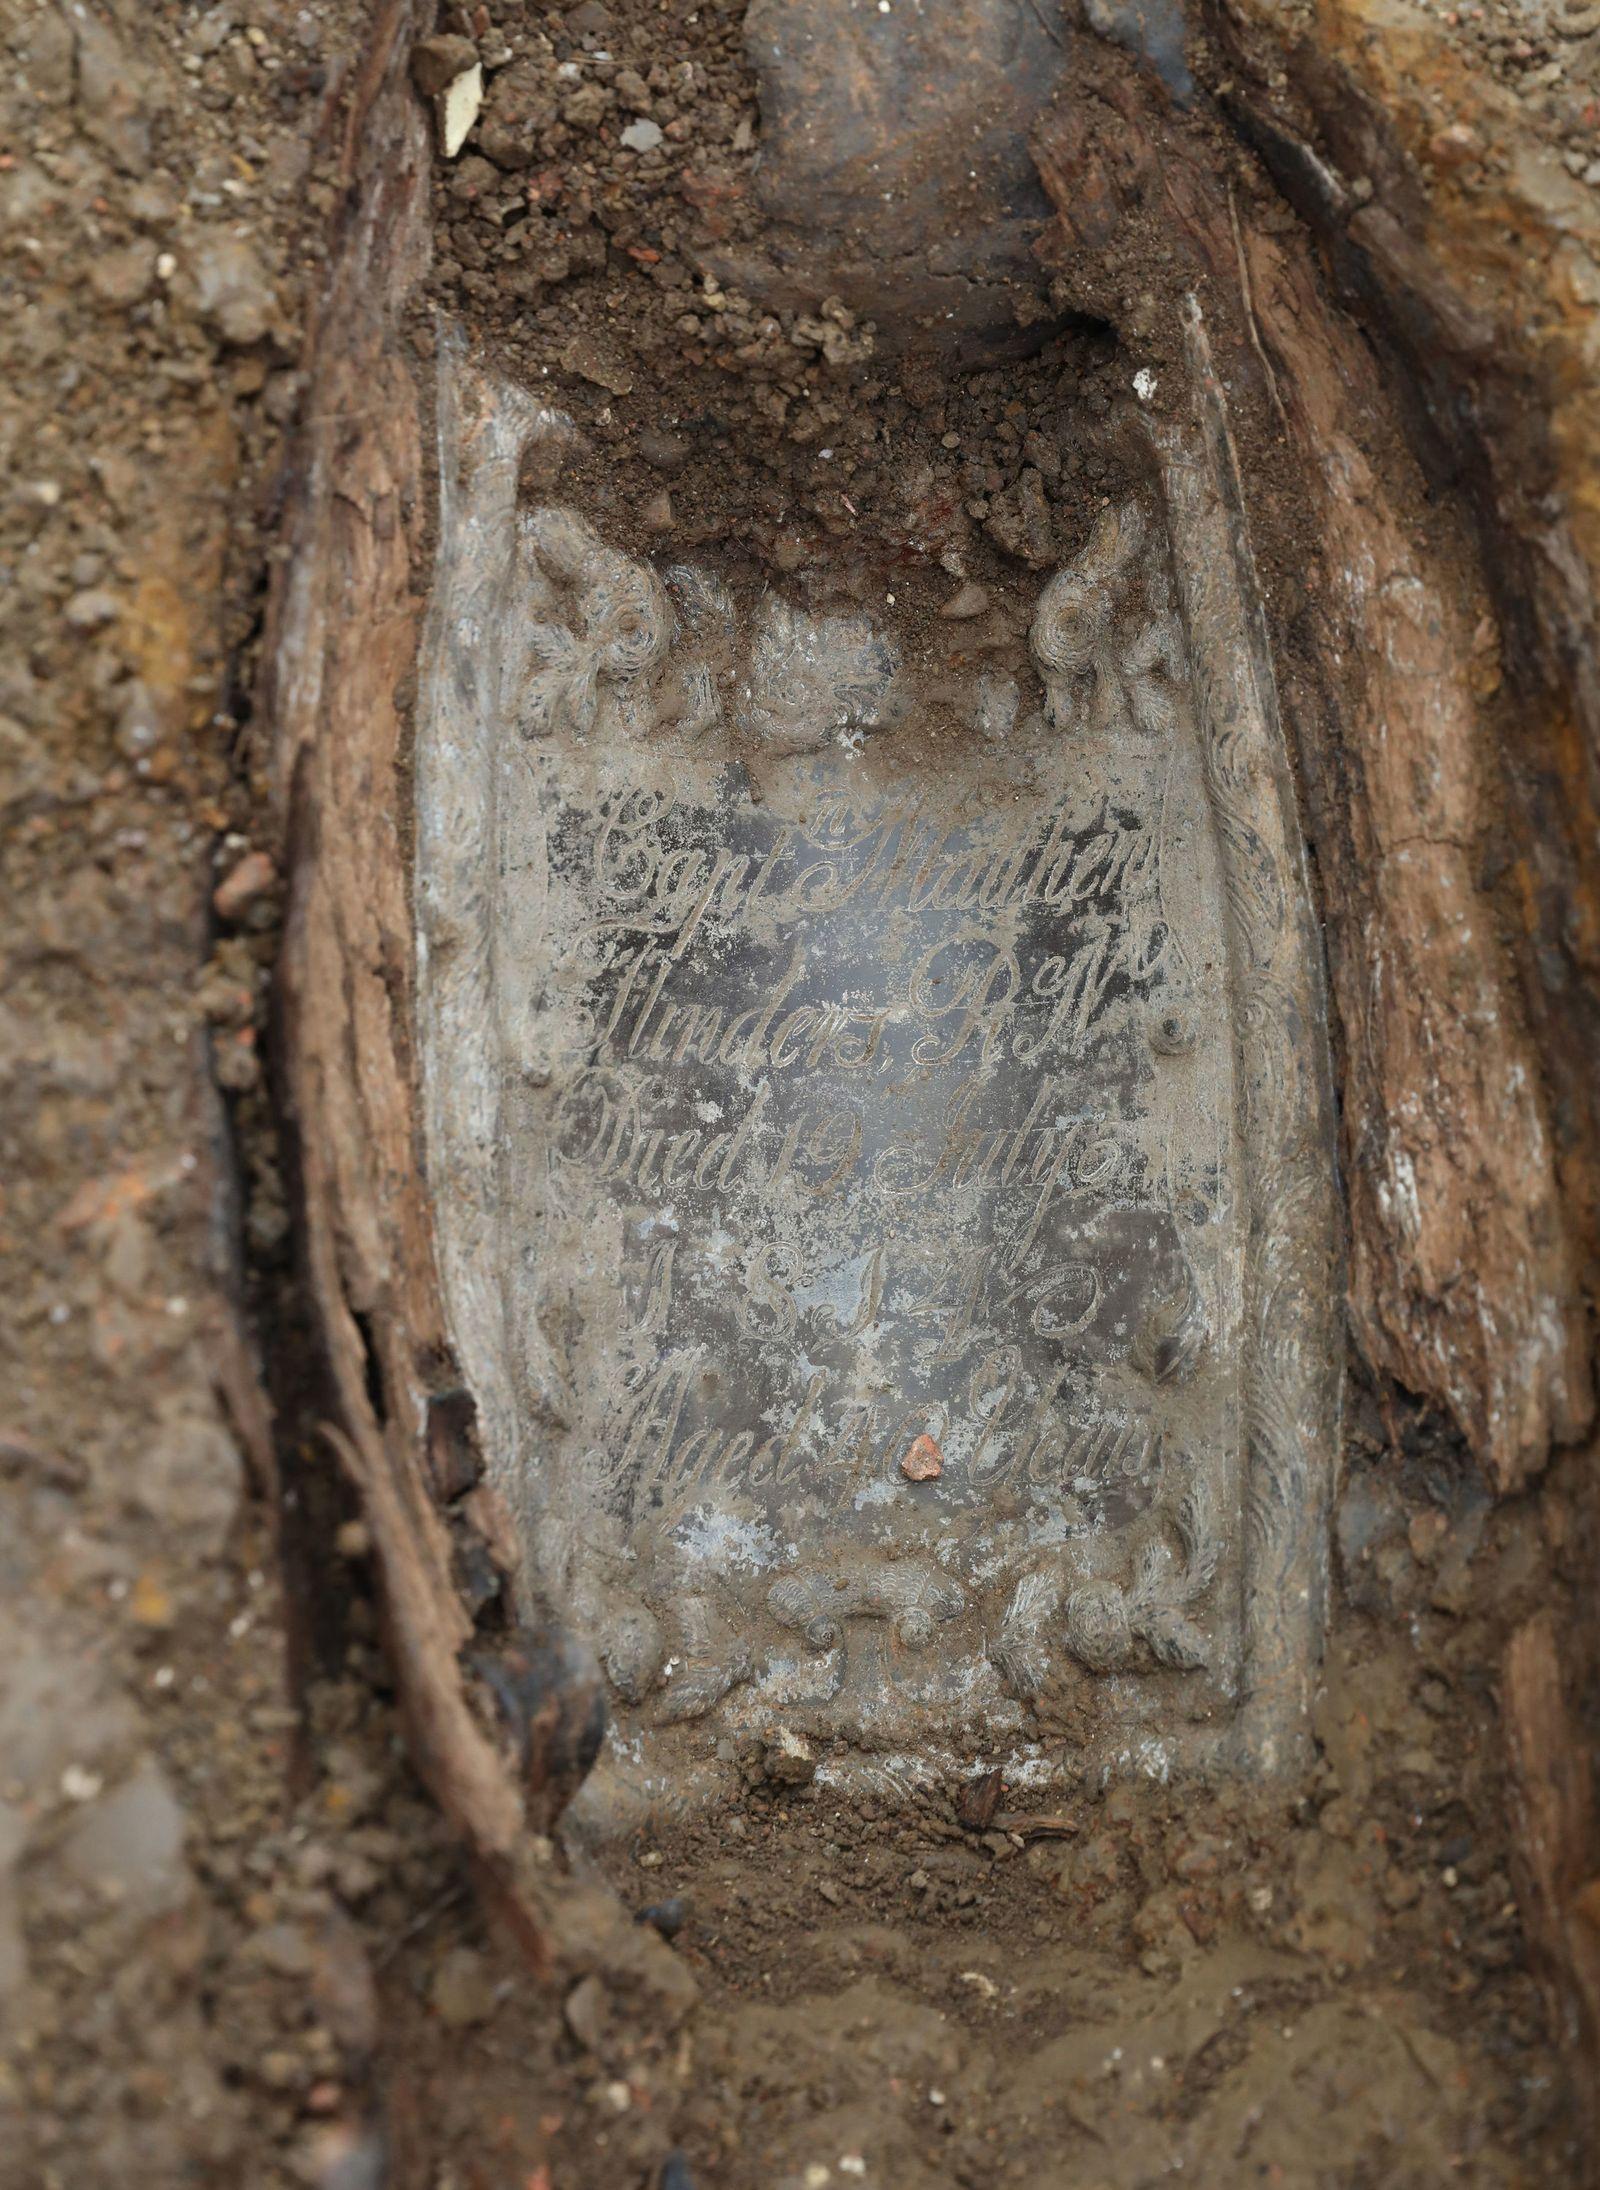 Überreste des historischen Australien-Umseglers Flinders gefunden